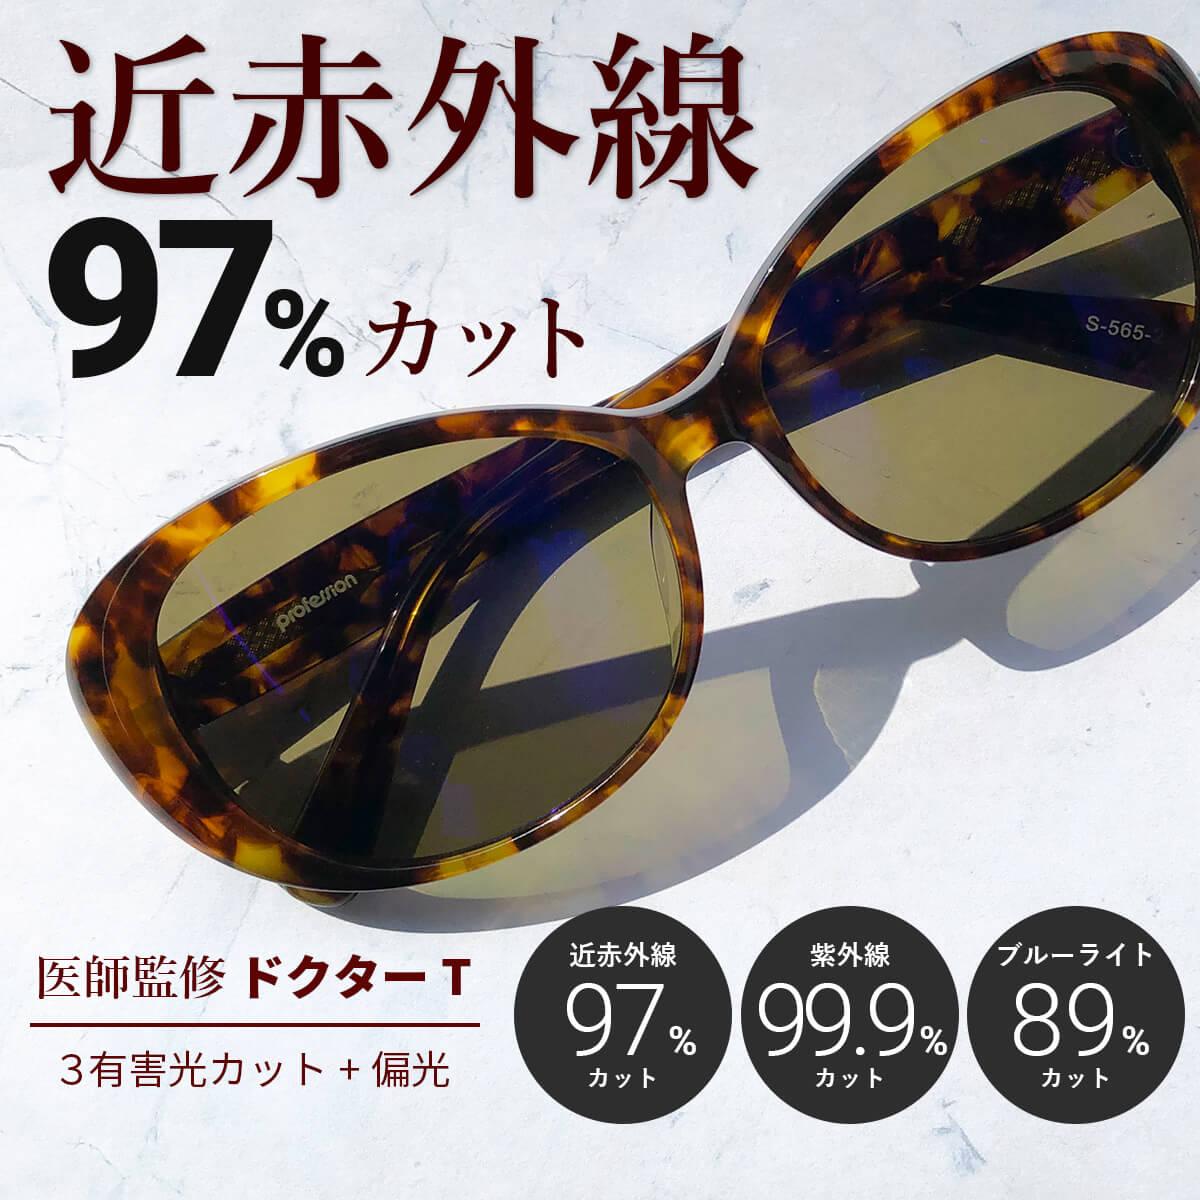 ドライブ や の プレゼント にも 送料無料 スーパーセールsale 近赤外線カット偏光グラス 再販ご予約限定送料無料 偏光サングラス profession 紫外線カット レディース 正規販売店 大好評です uvカット 敬老の日 サングラス プロフェッション 日本製レンズ